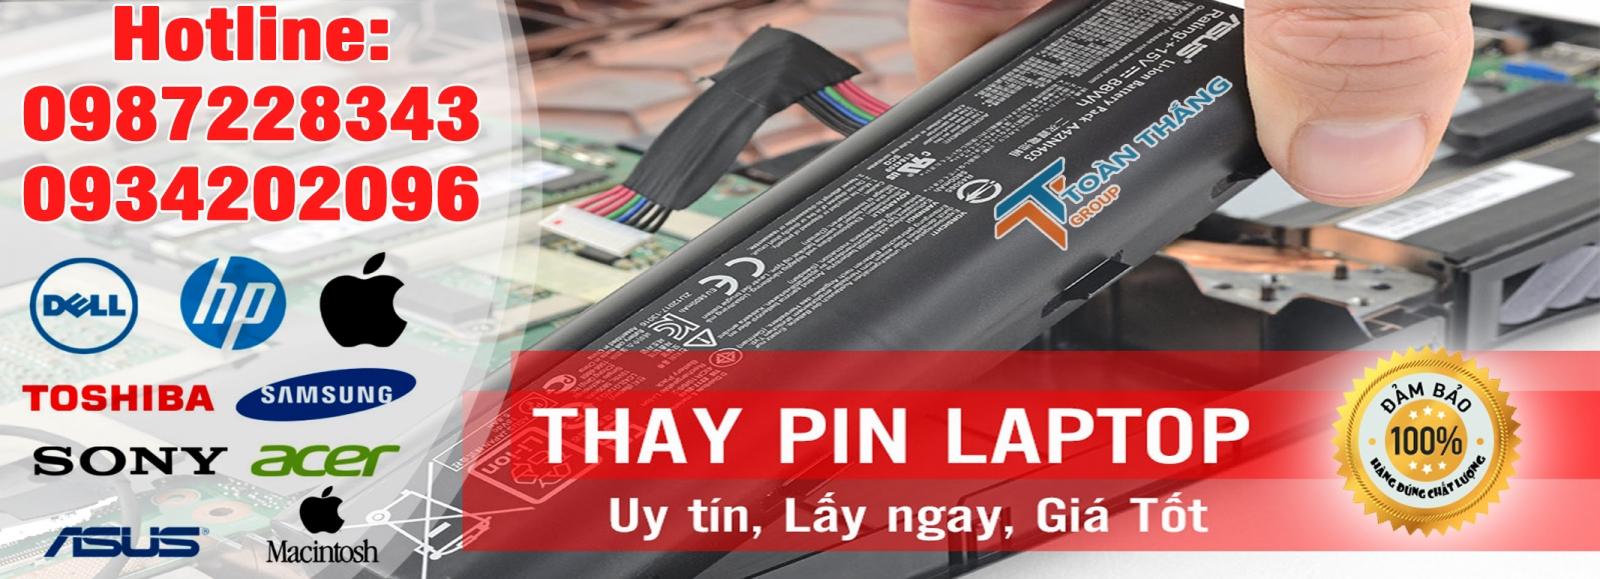 Công Ty Dịch Vụ Thay Pin Laptop Tận Nơi Quận TPHCM Uy Tín Chính Hãng